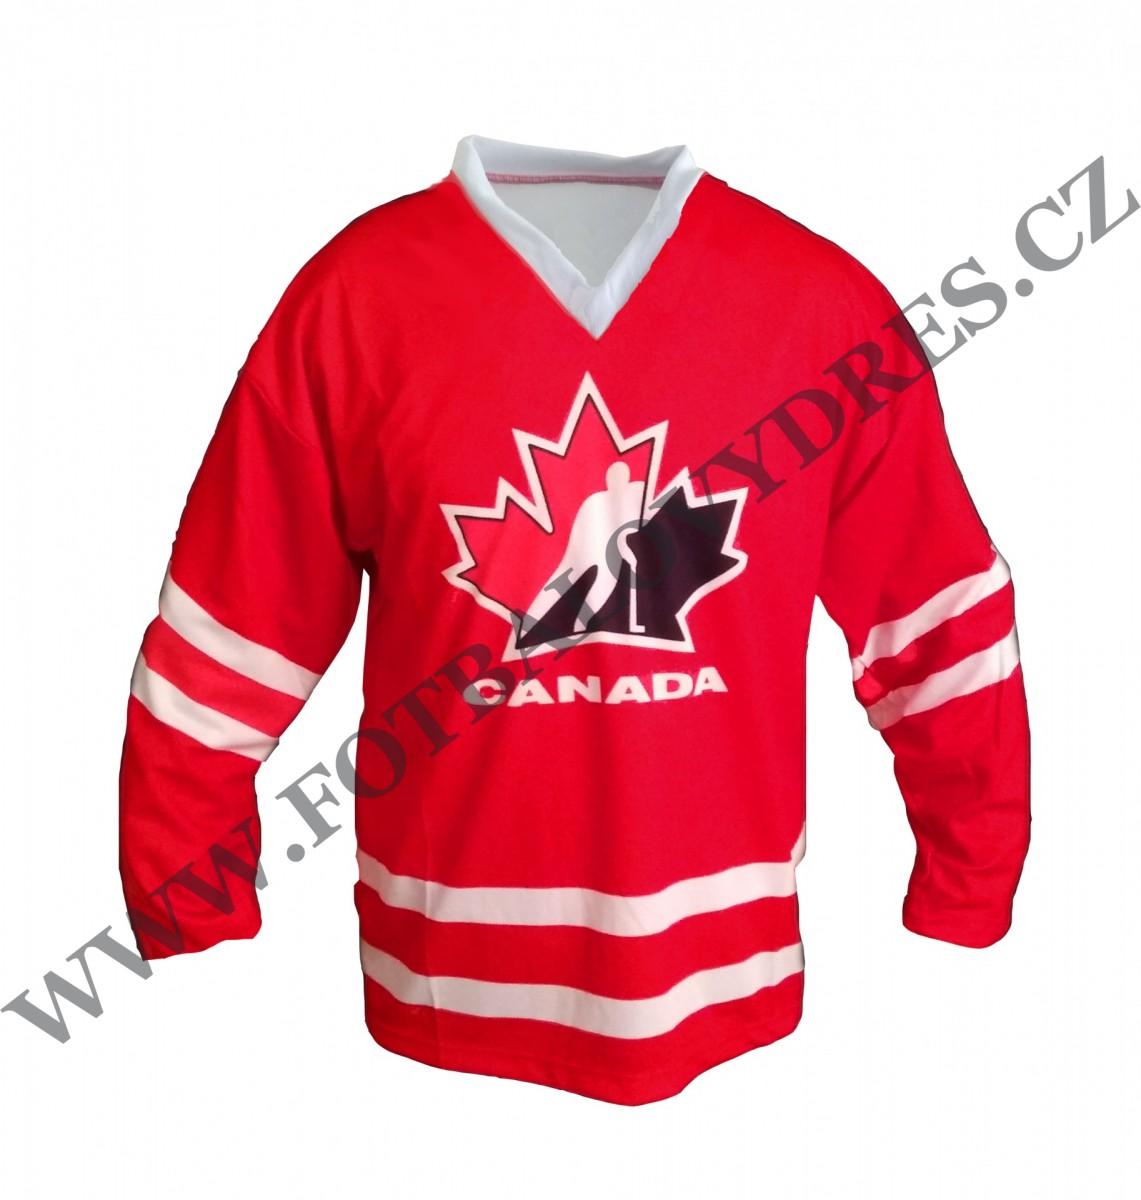 dfebc6dad CANADA hokejový dres KANADA červený